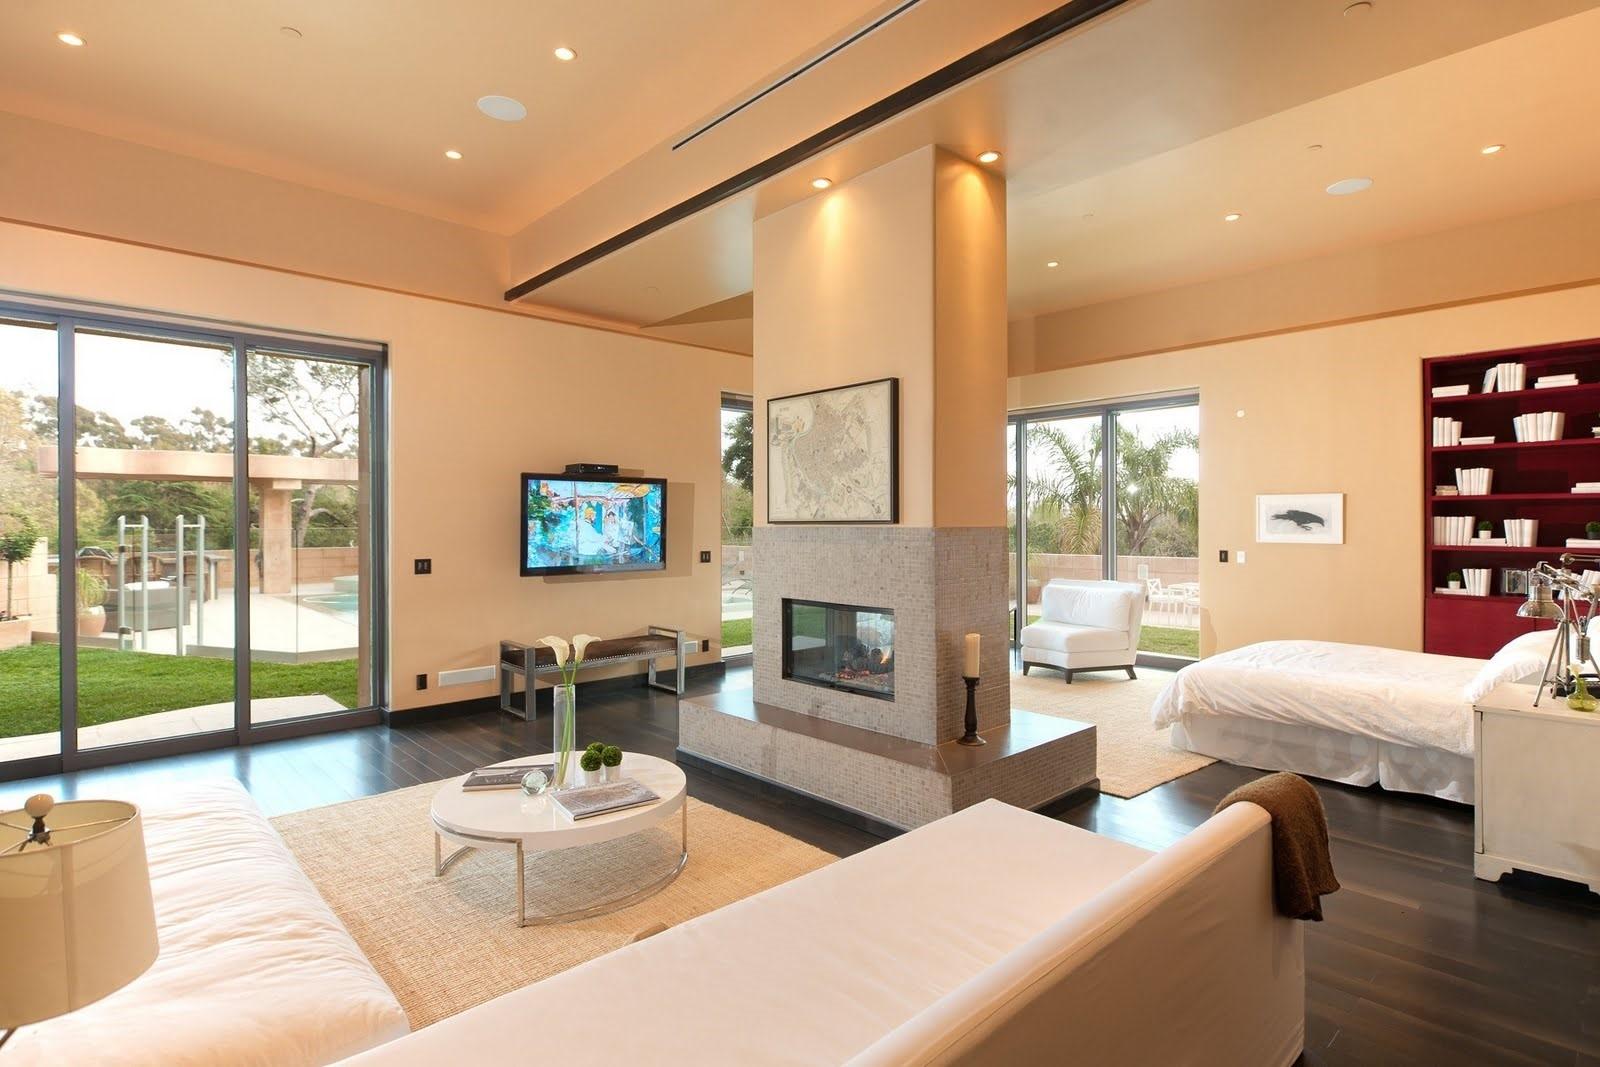 công ty công nghệ nhà thông minh Worldtech Smart home chuyên nhận thi công thiết kế nội thất các thiết bị điện nhà thông minh thiết bị điện công nghệ nhà thông minh